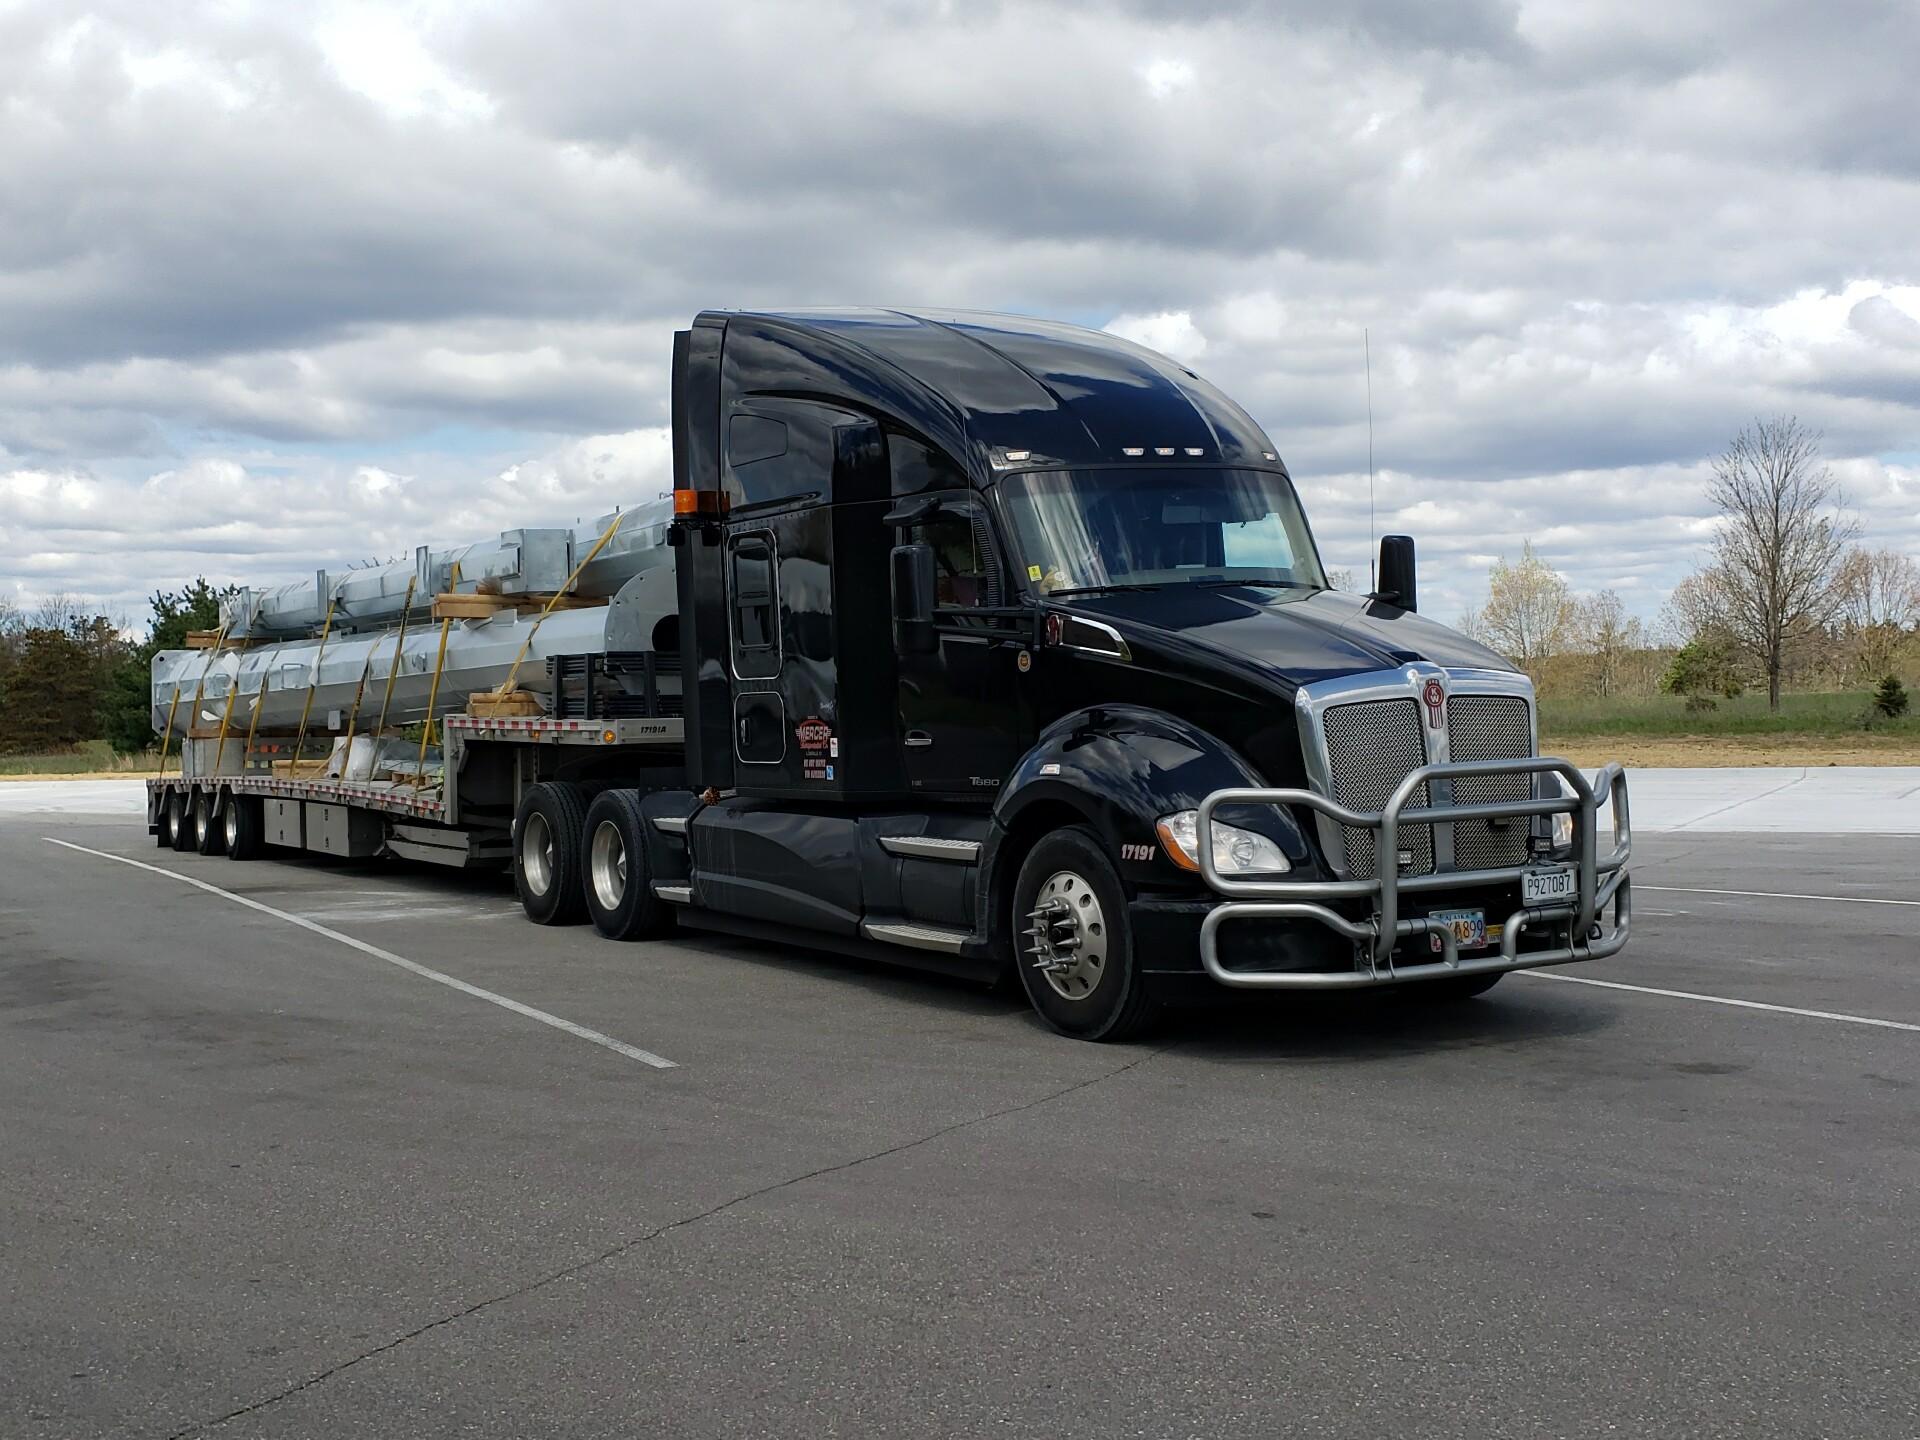 t-680 truck haul